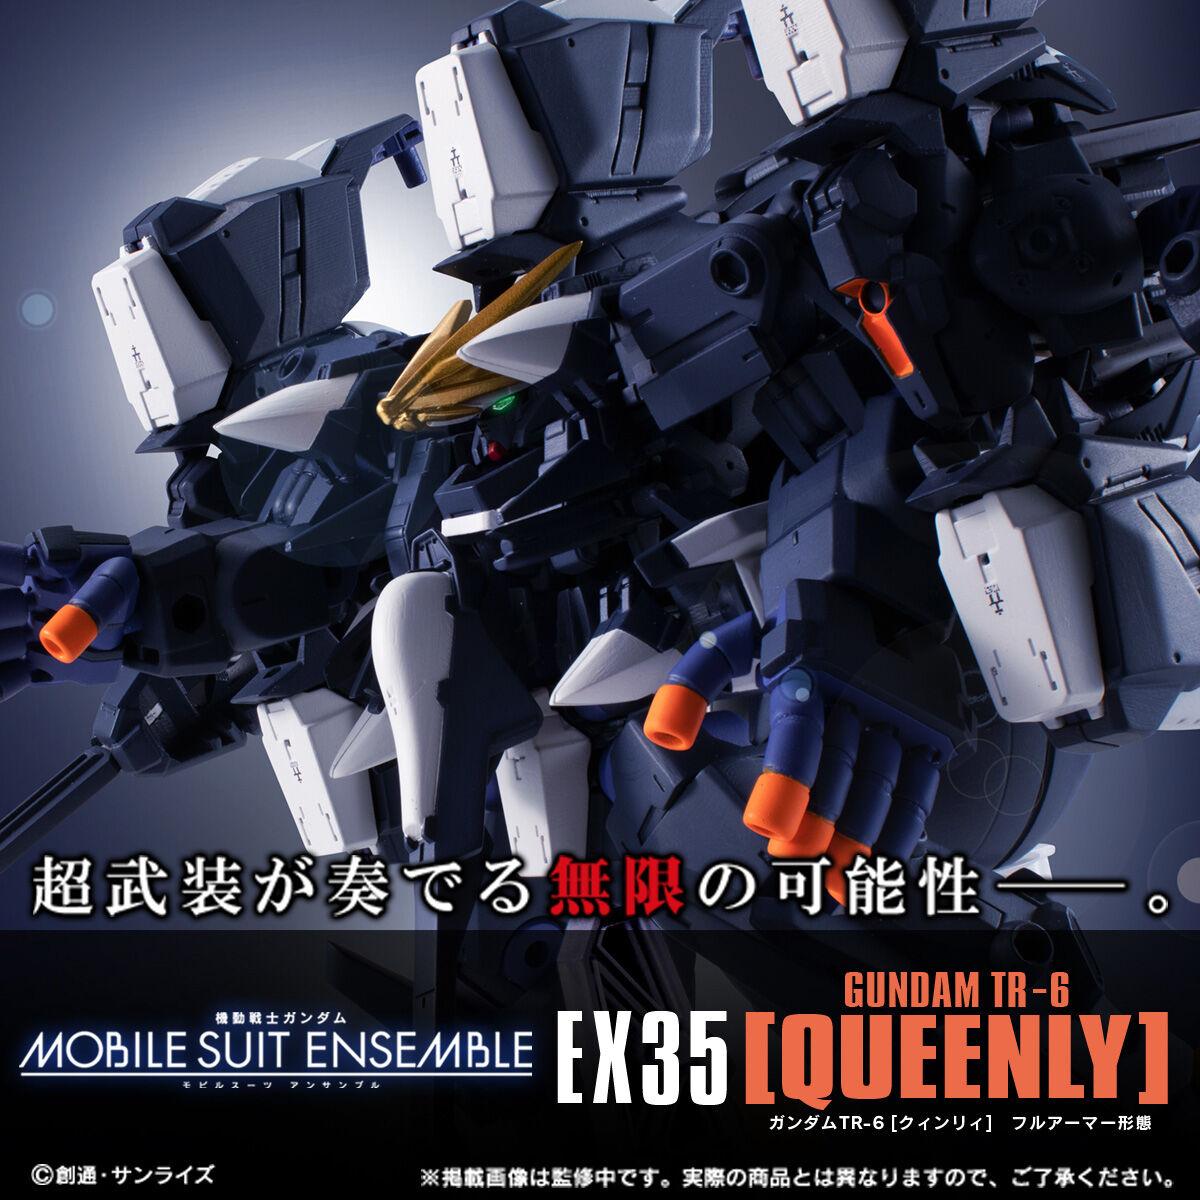 【限定販売】MOBILE SUIT ENSEMBLE『EX35 ガンダムTR-6[クインリィ]フルアーマー形態』デフォルメ可動フィギュア-001